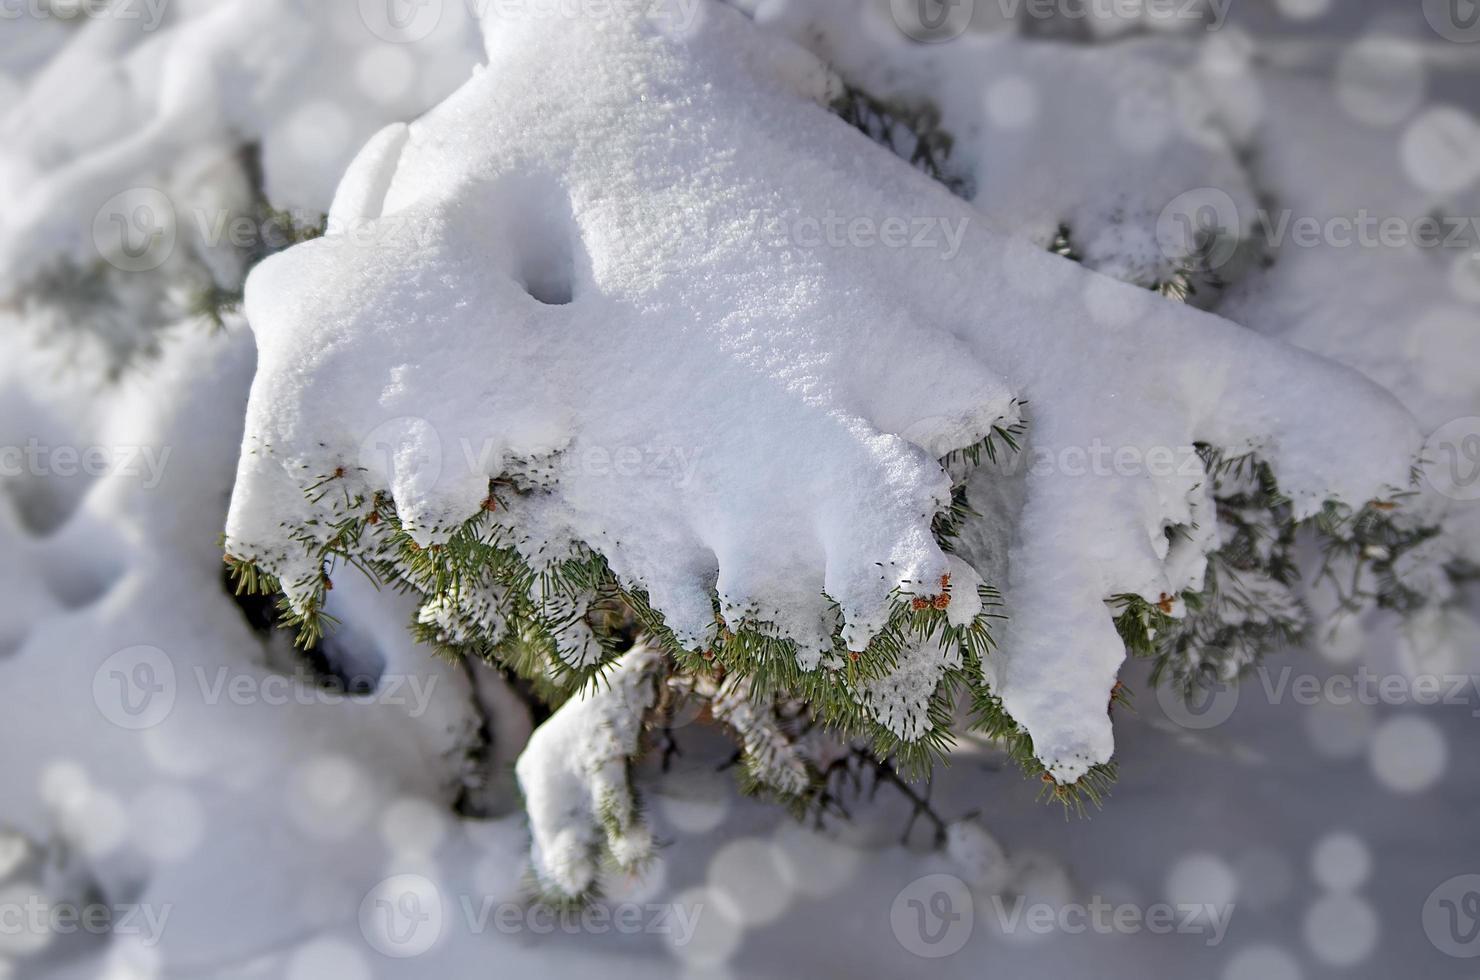 rami di conifere congelati ricoperti di neve invernale foto